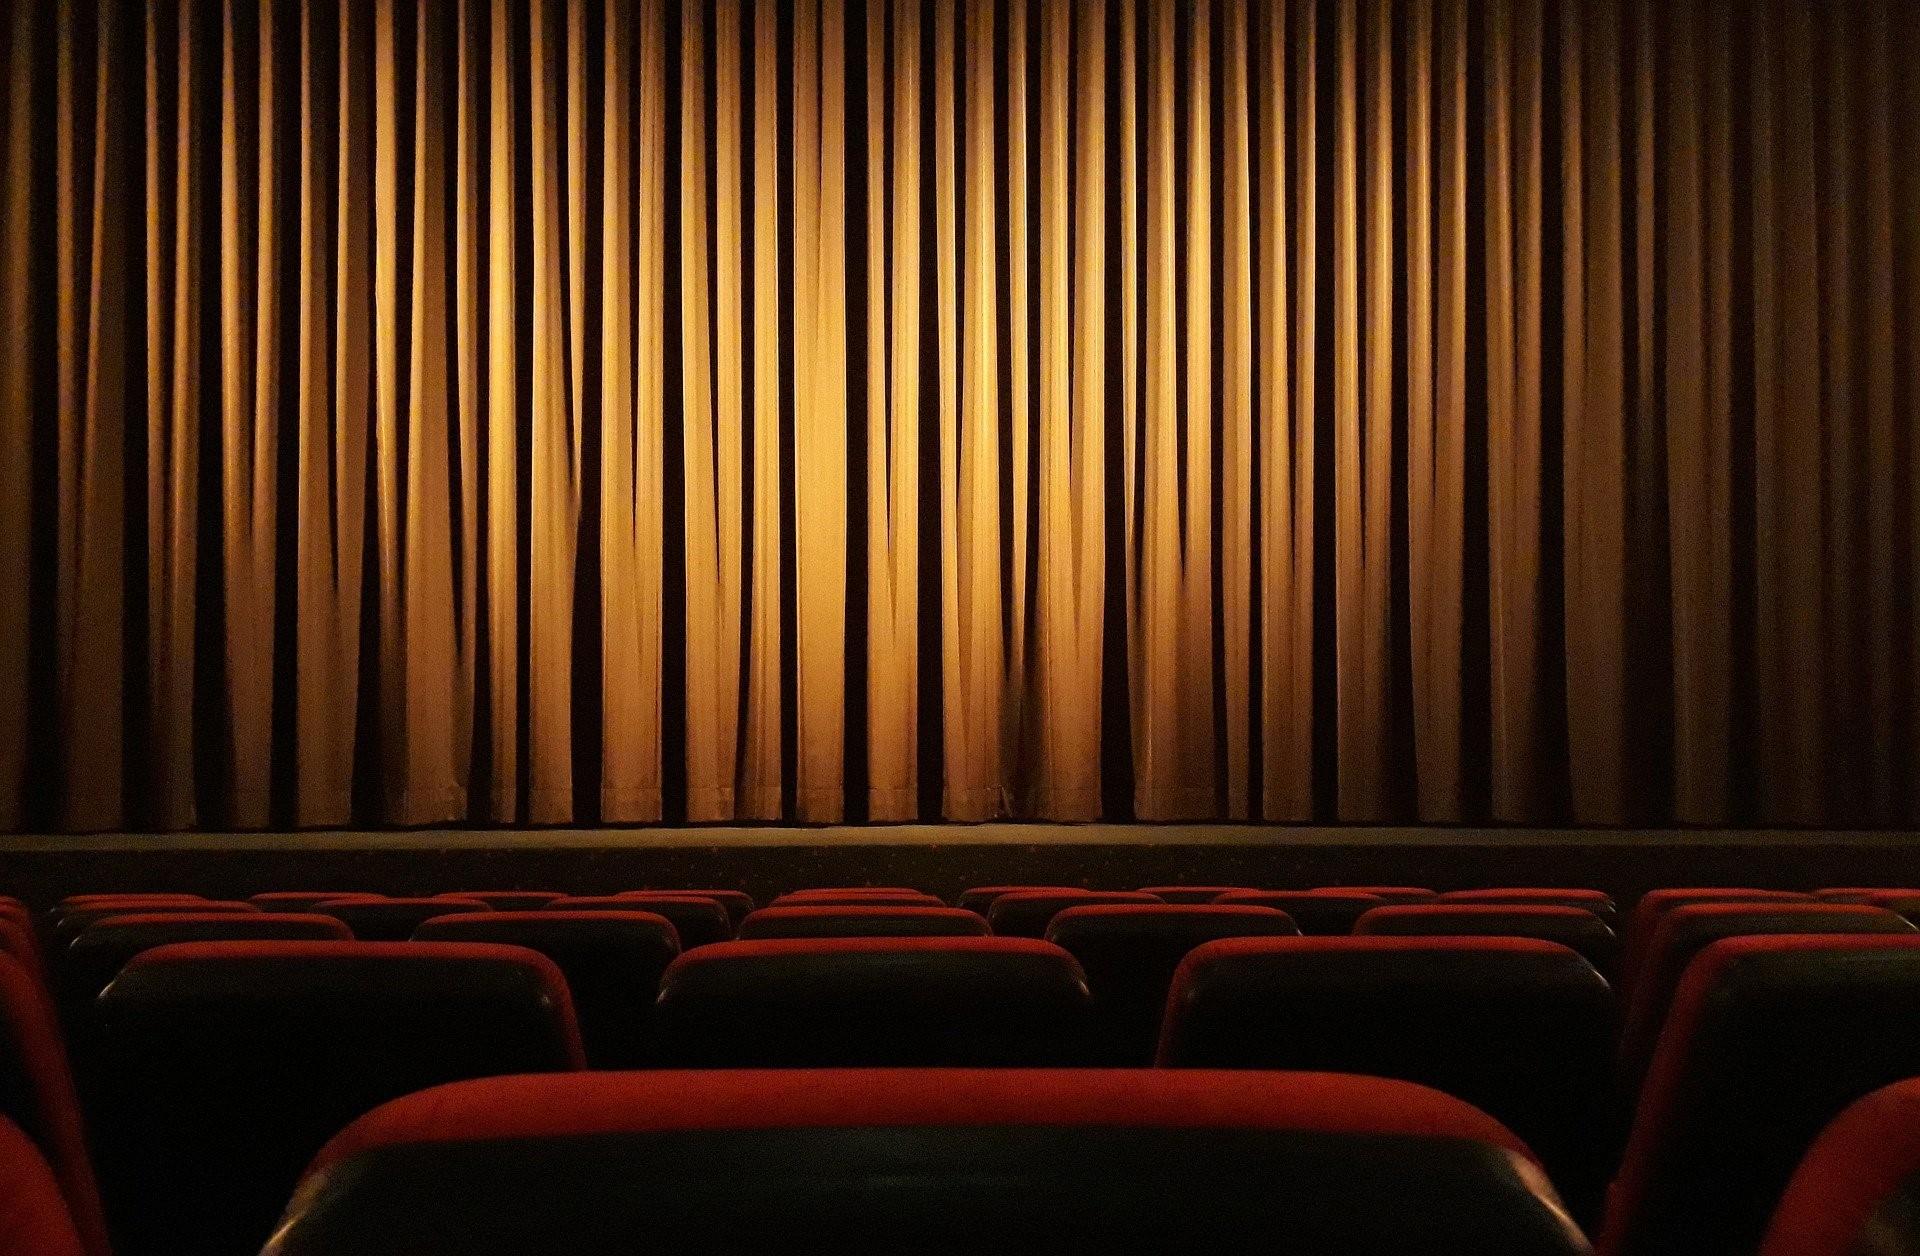 İstanbul tiyatro sahneleri nereler?